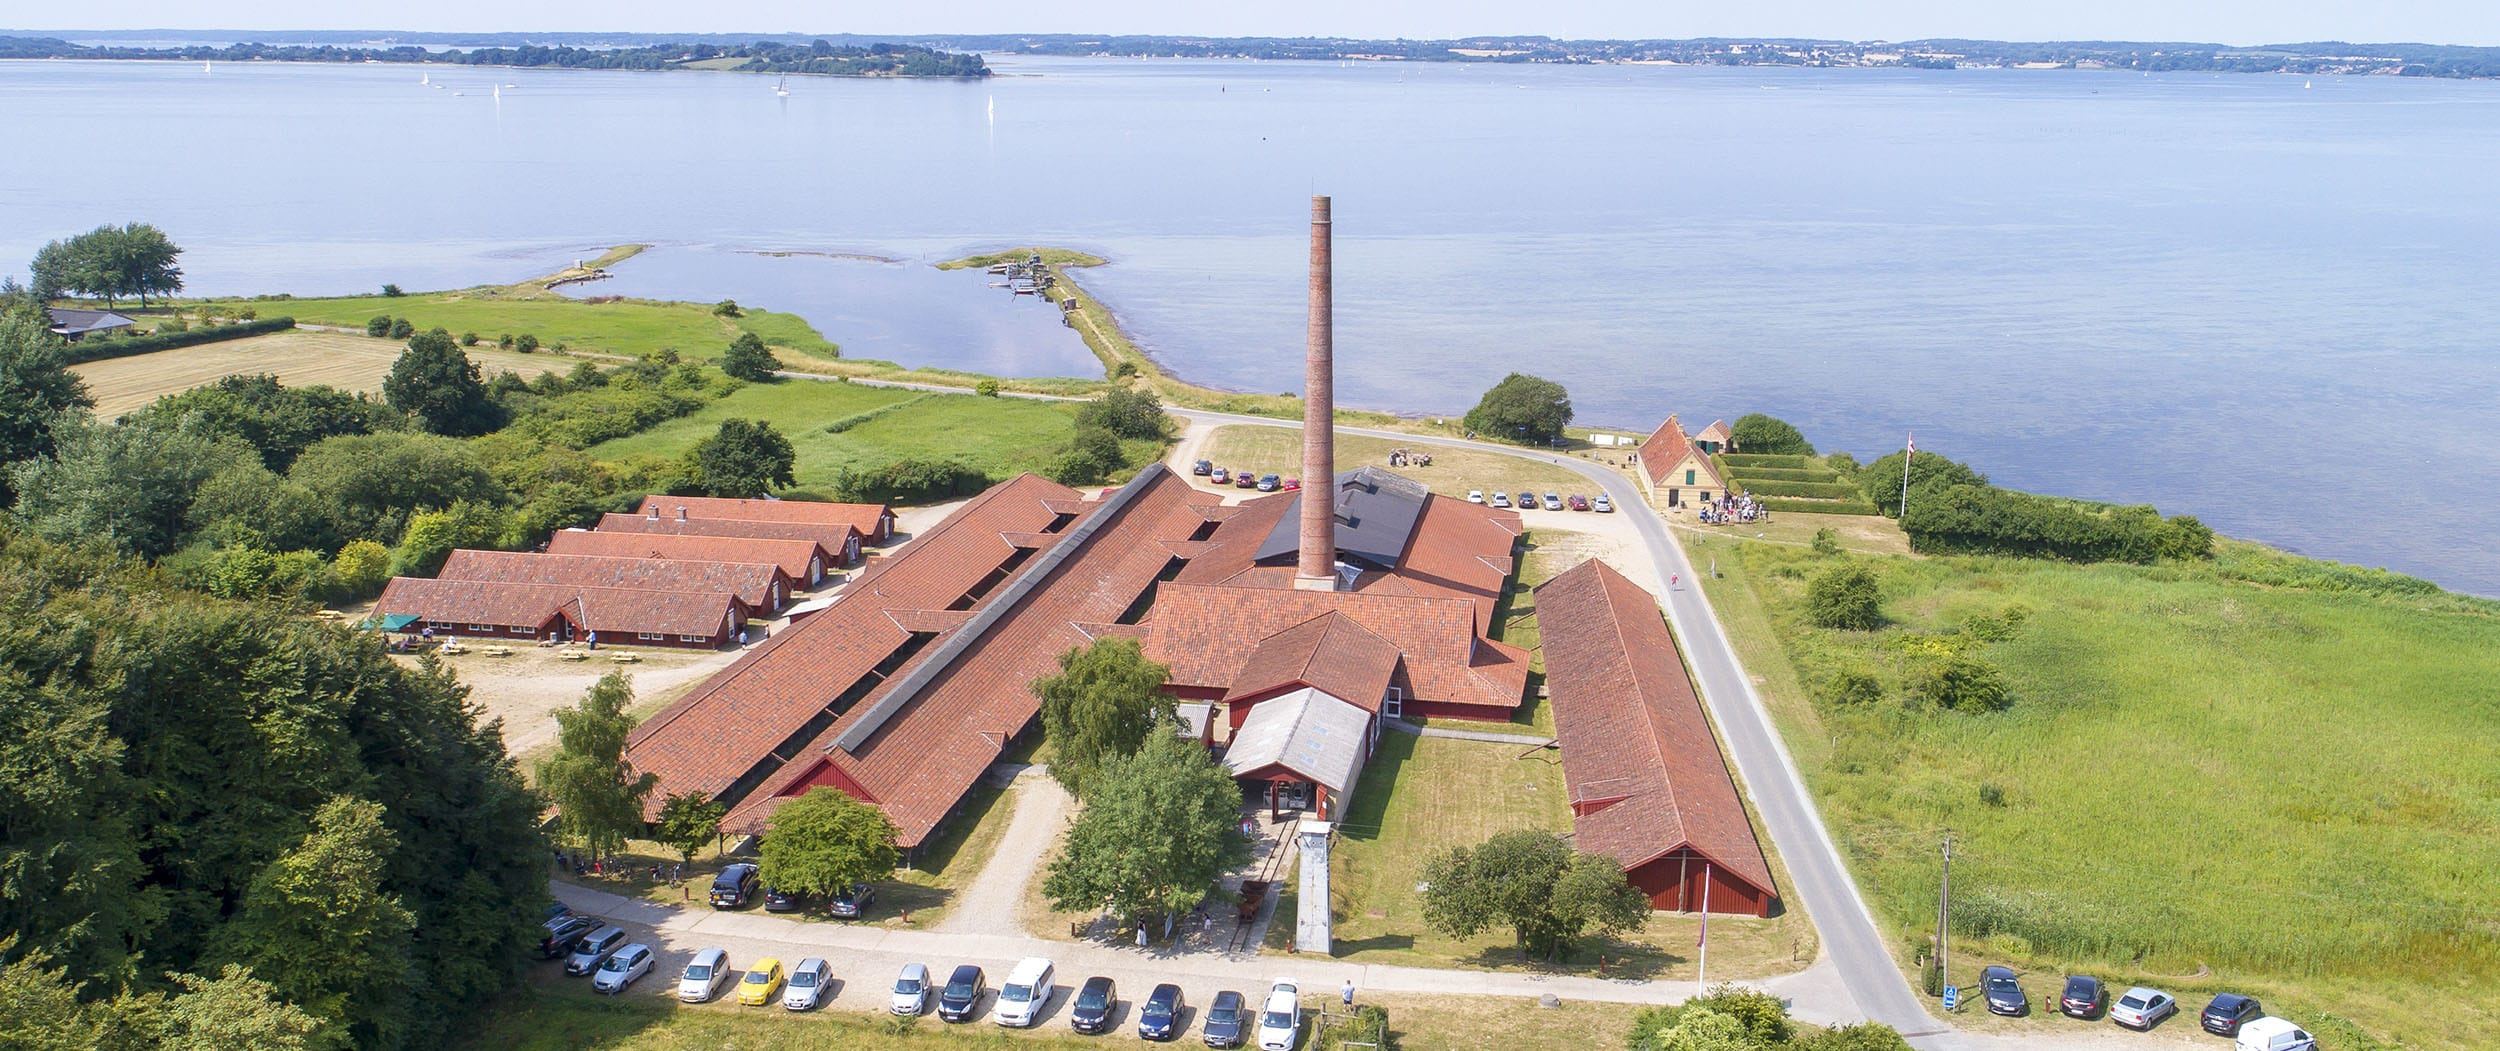 Den industrielle kulturarv